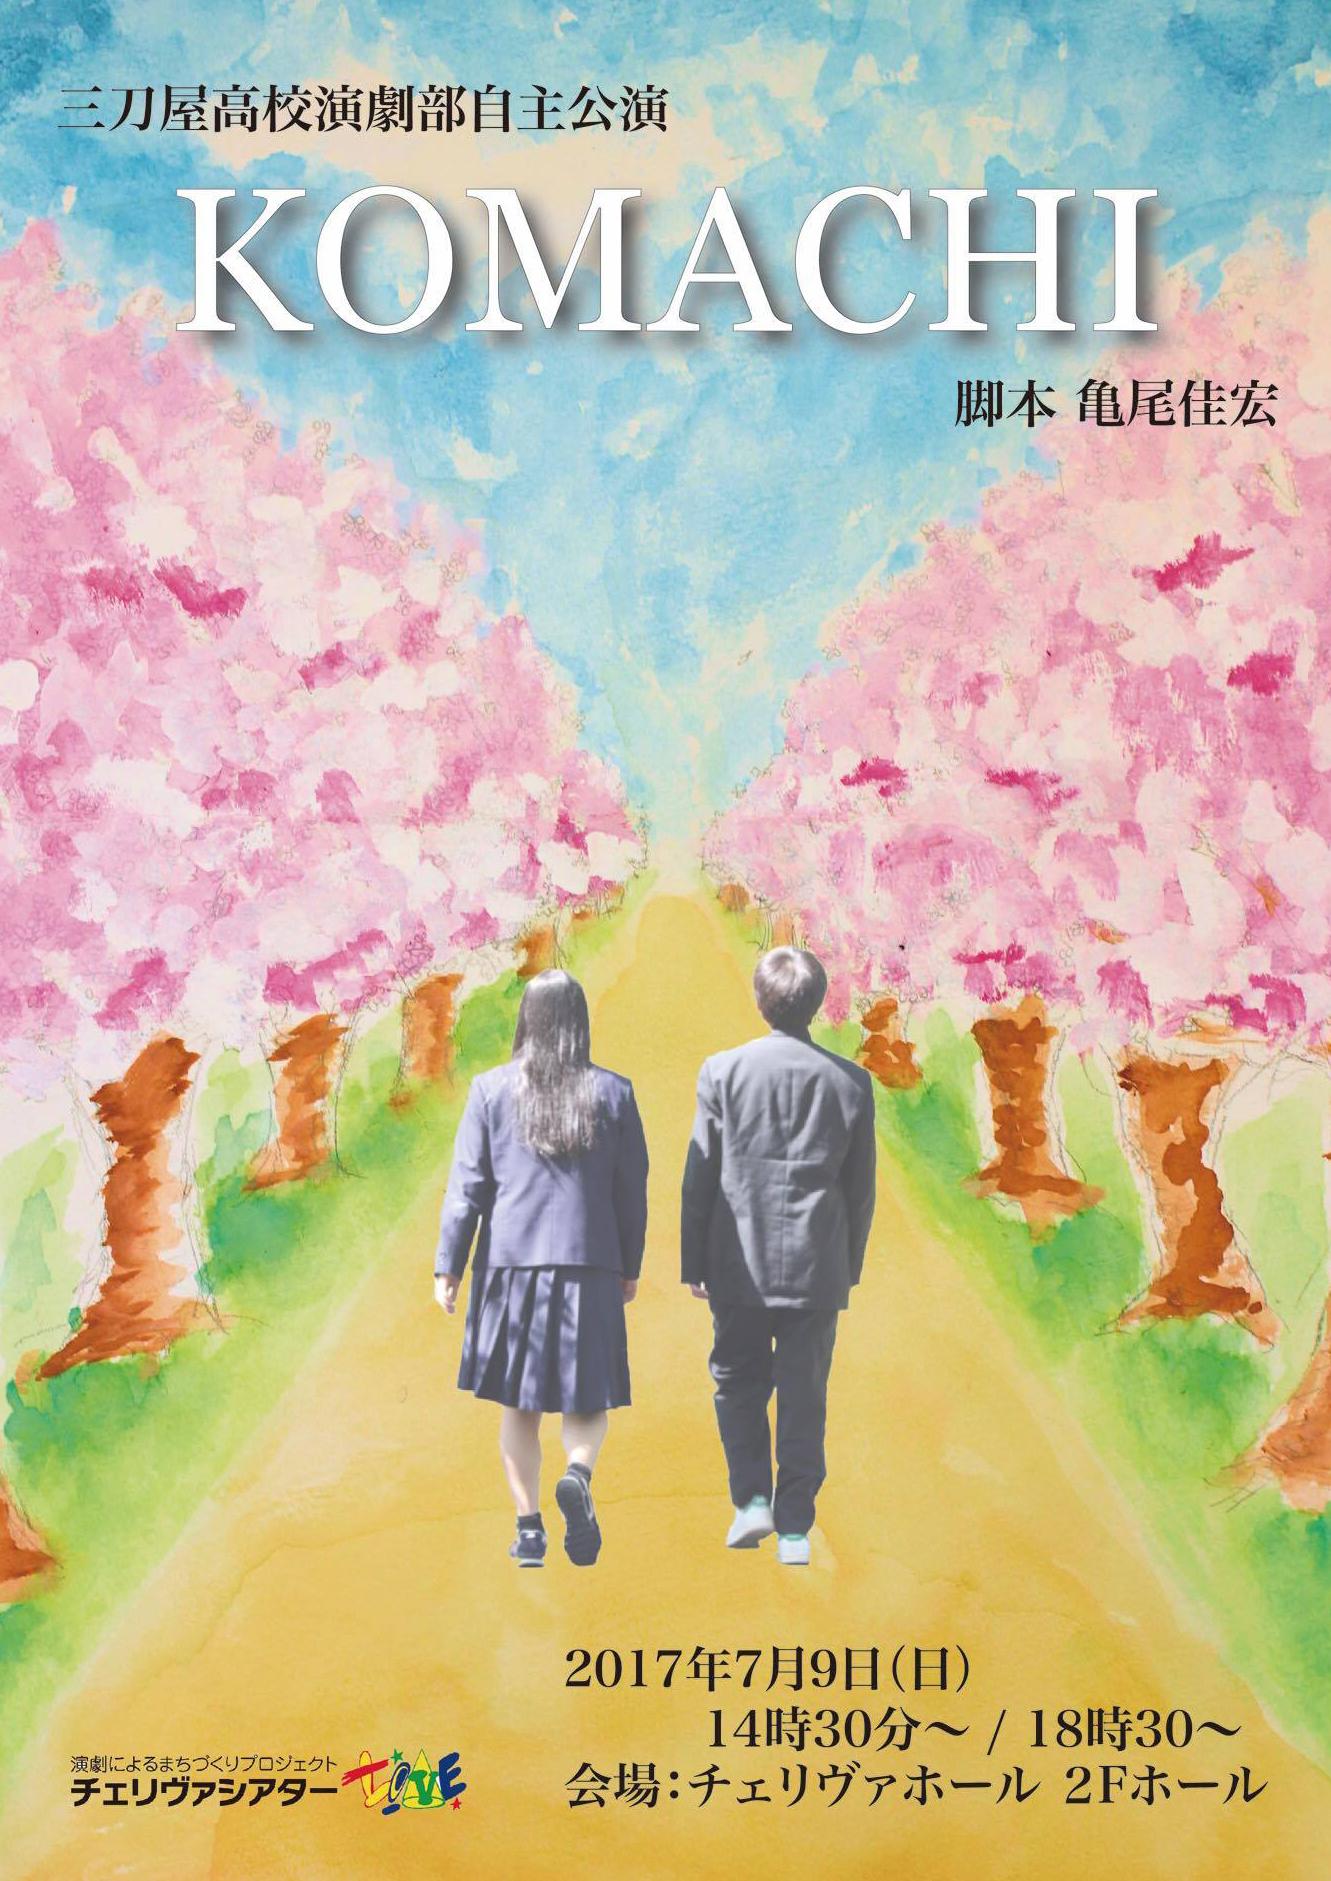 [チェリヴァシアターLIVE]三刀屋高校演劇部『KOMACHI』